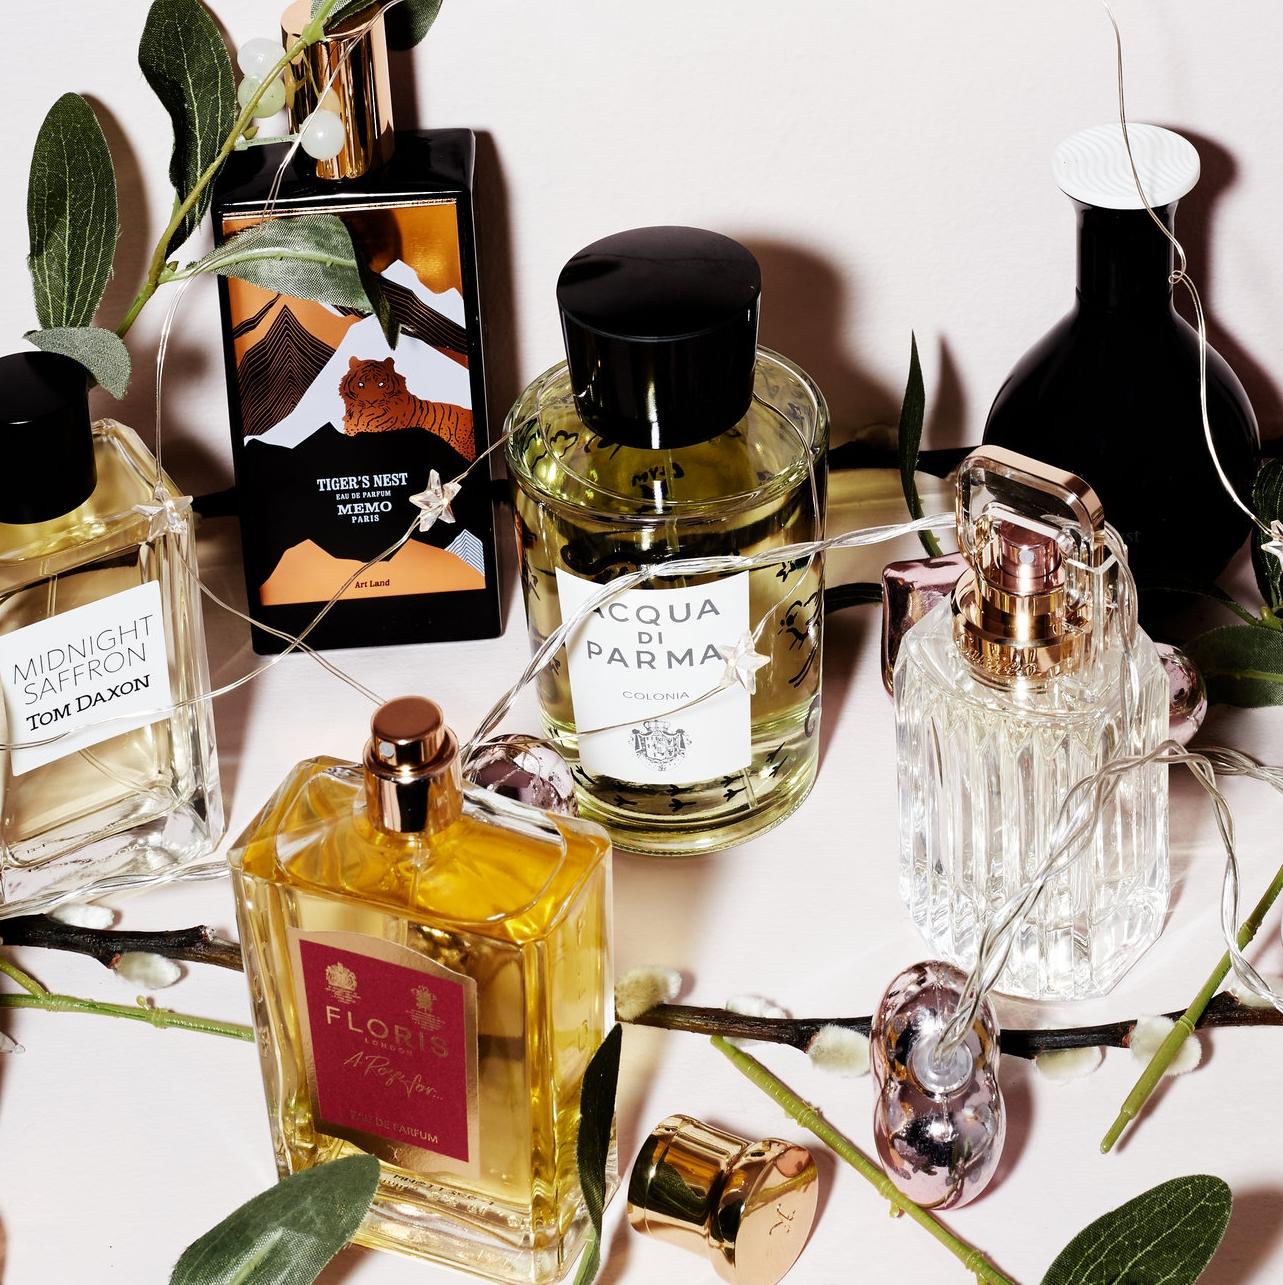 AsiaWerbel_perfumefinals 2.jpg